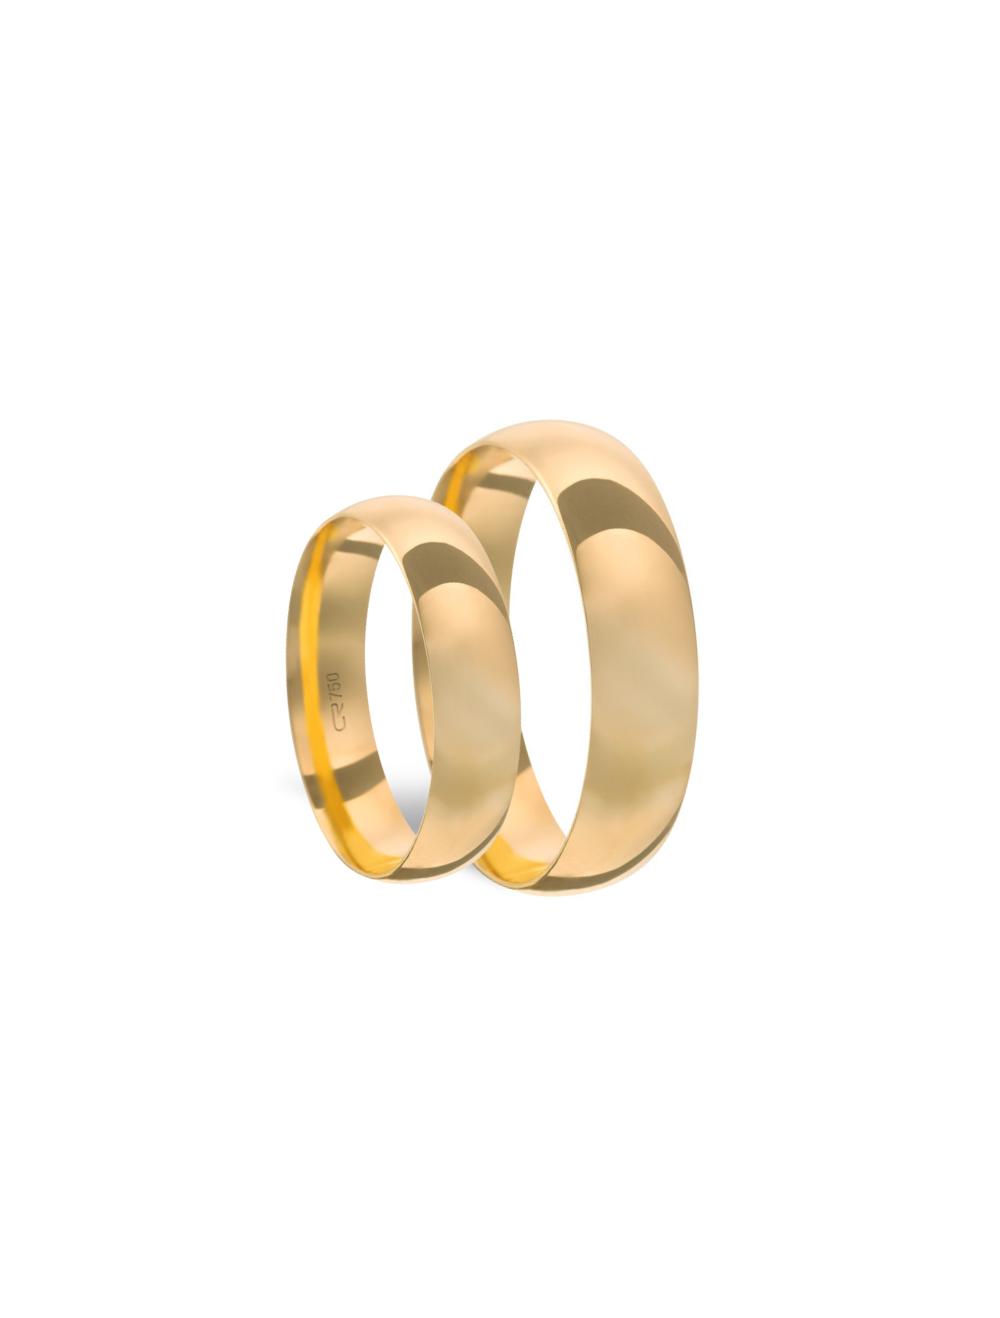 Par Aliança Ouro 18k Tradicional 6,0mm x 0,85mm